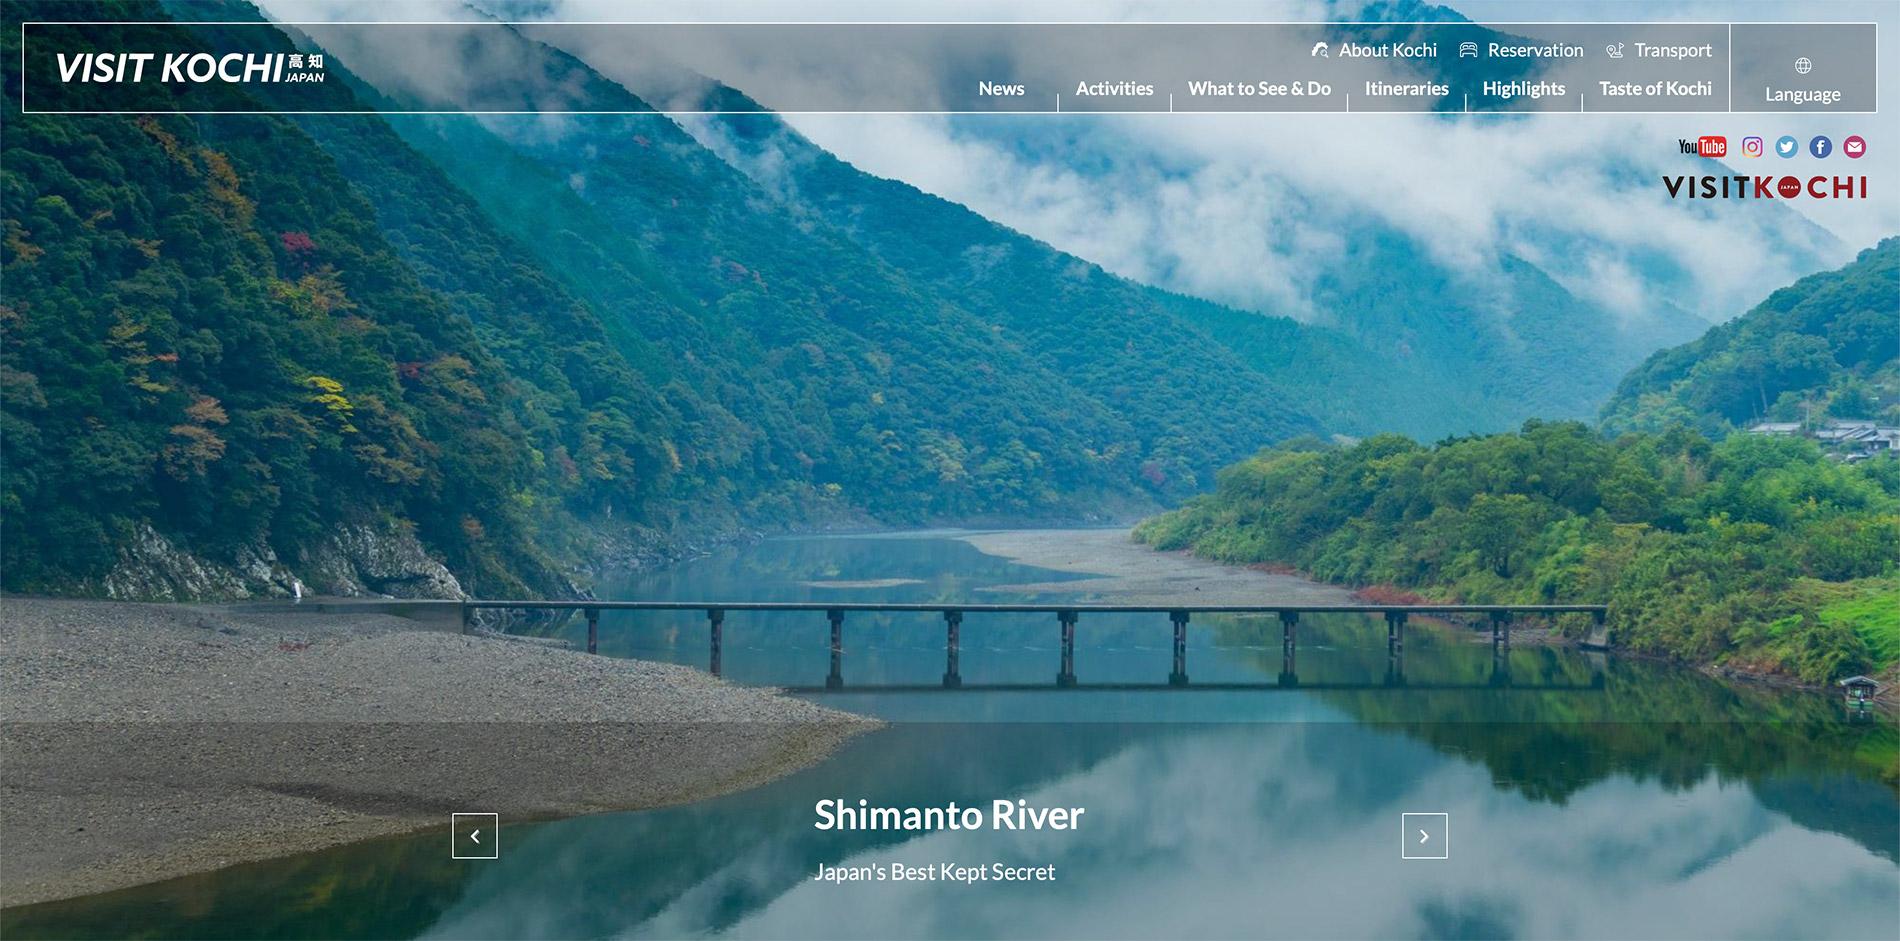 Die englische Webseite des Tourismusverbandes der Präfektur Kōchi.